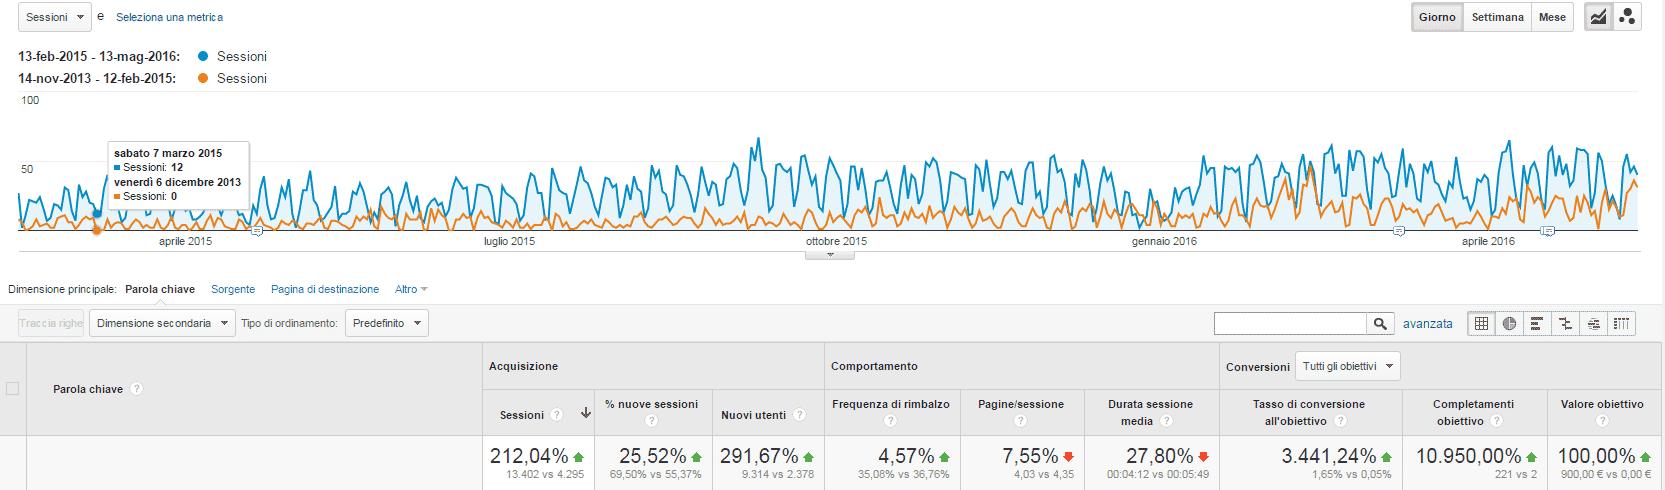 KPI e visite da traffico organico